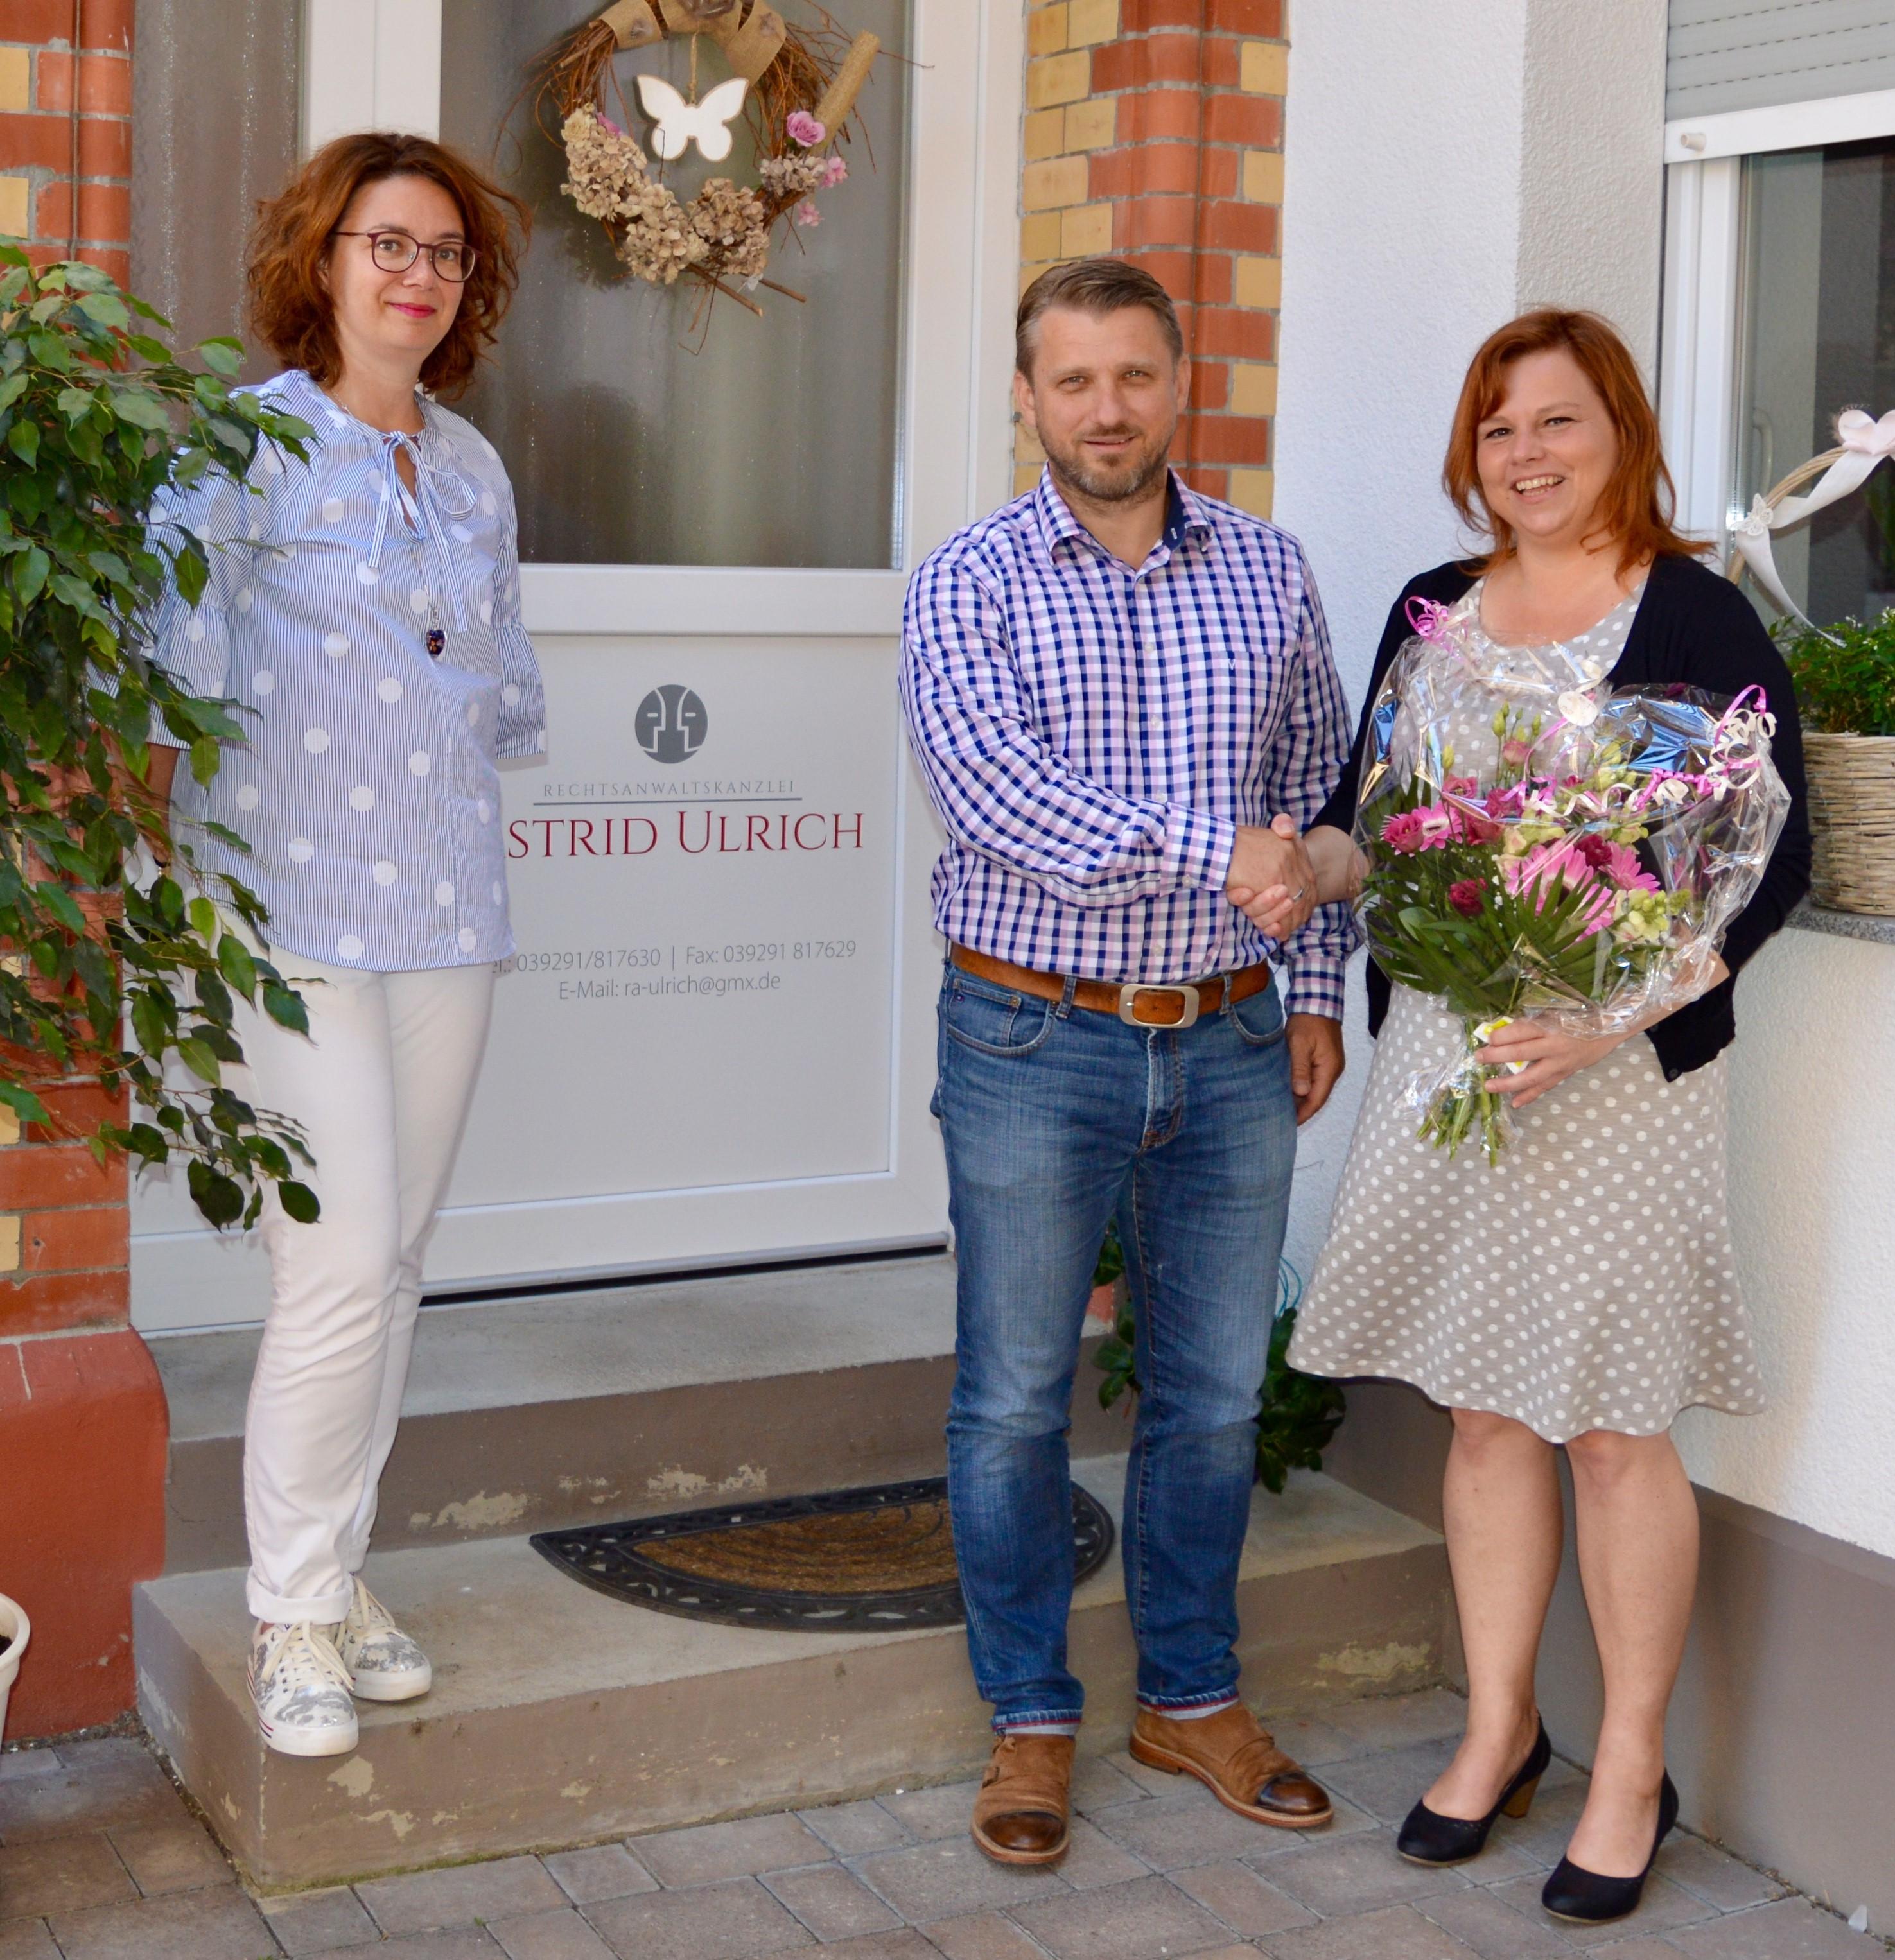 v.r. Bürgermeister Sven Hause beglückwünscht die Rechtsanwältin Frau Astrid Ulrich und Mitarbeiterin Frau Bratus mit einem Blumenstrauß zur Eröffnung der neuen Kanzlei.